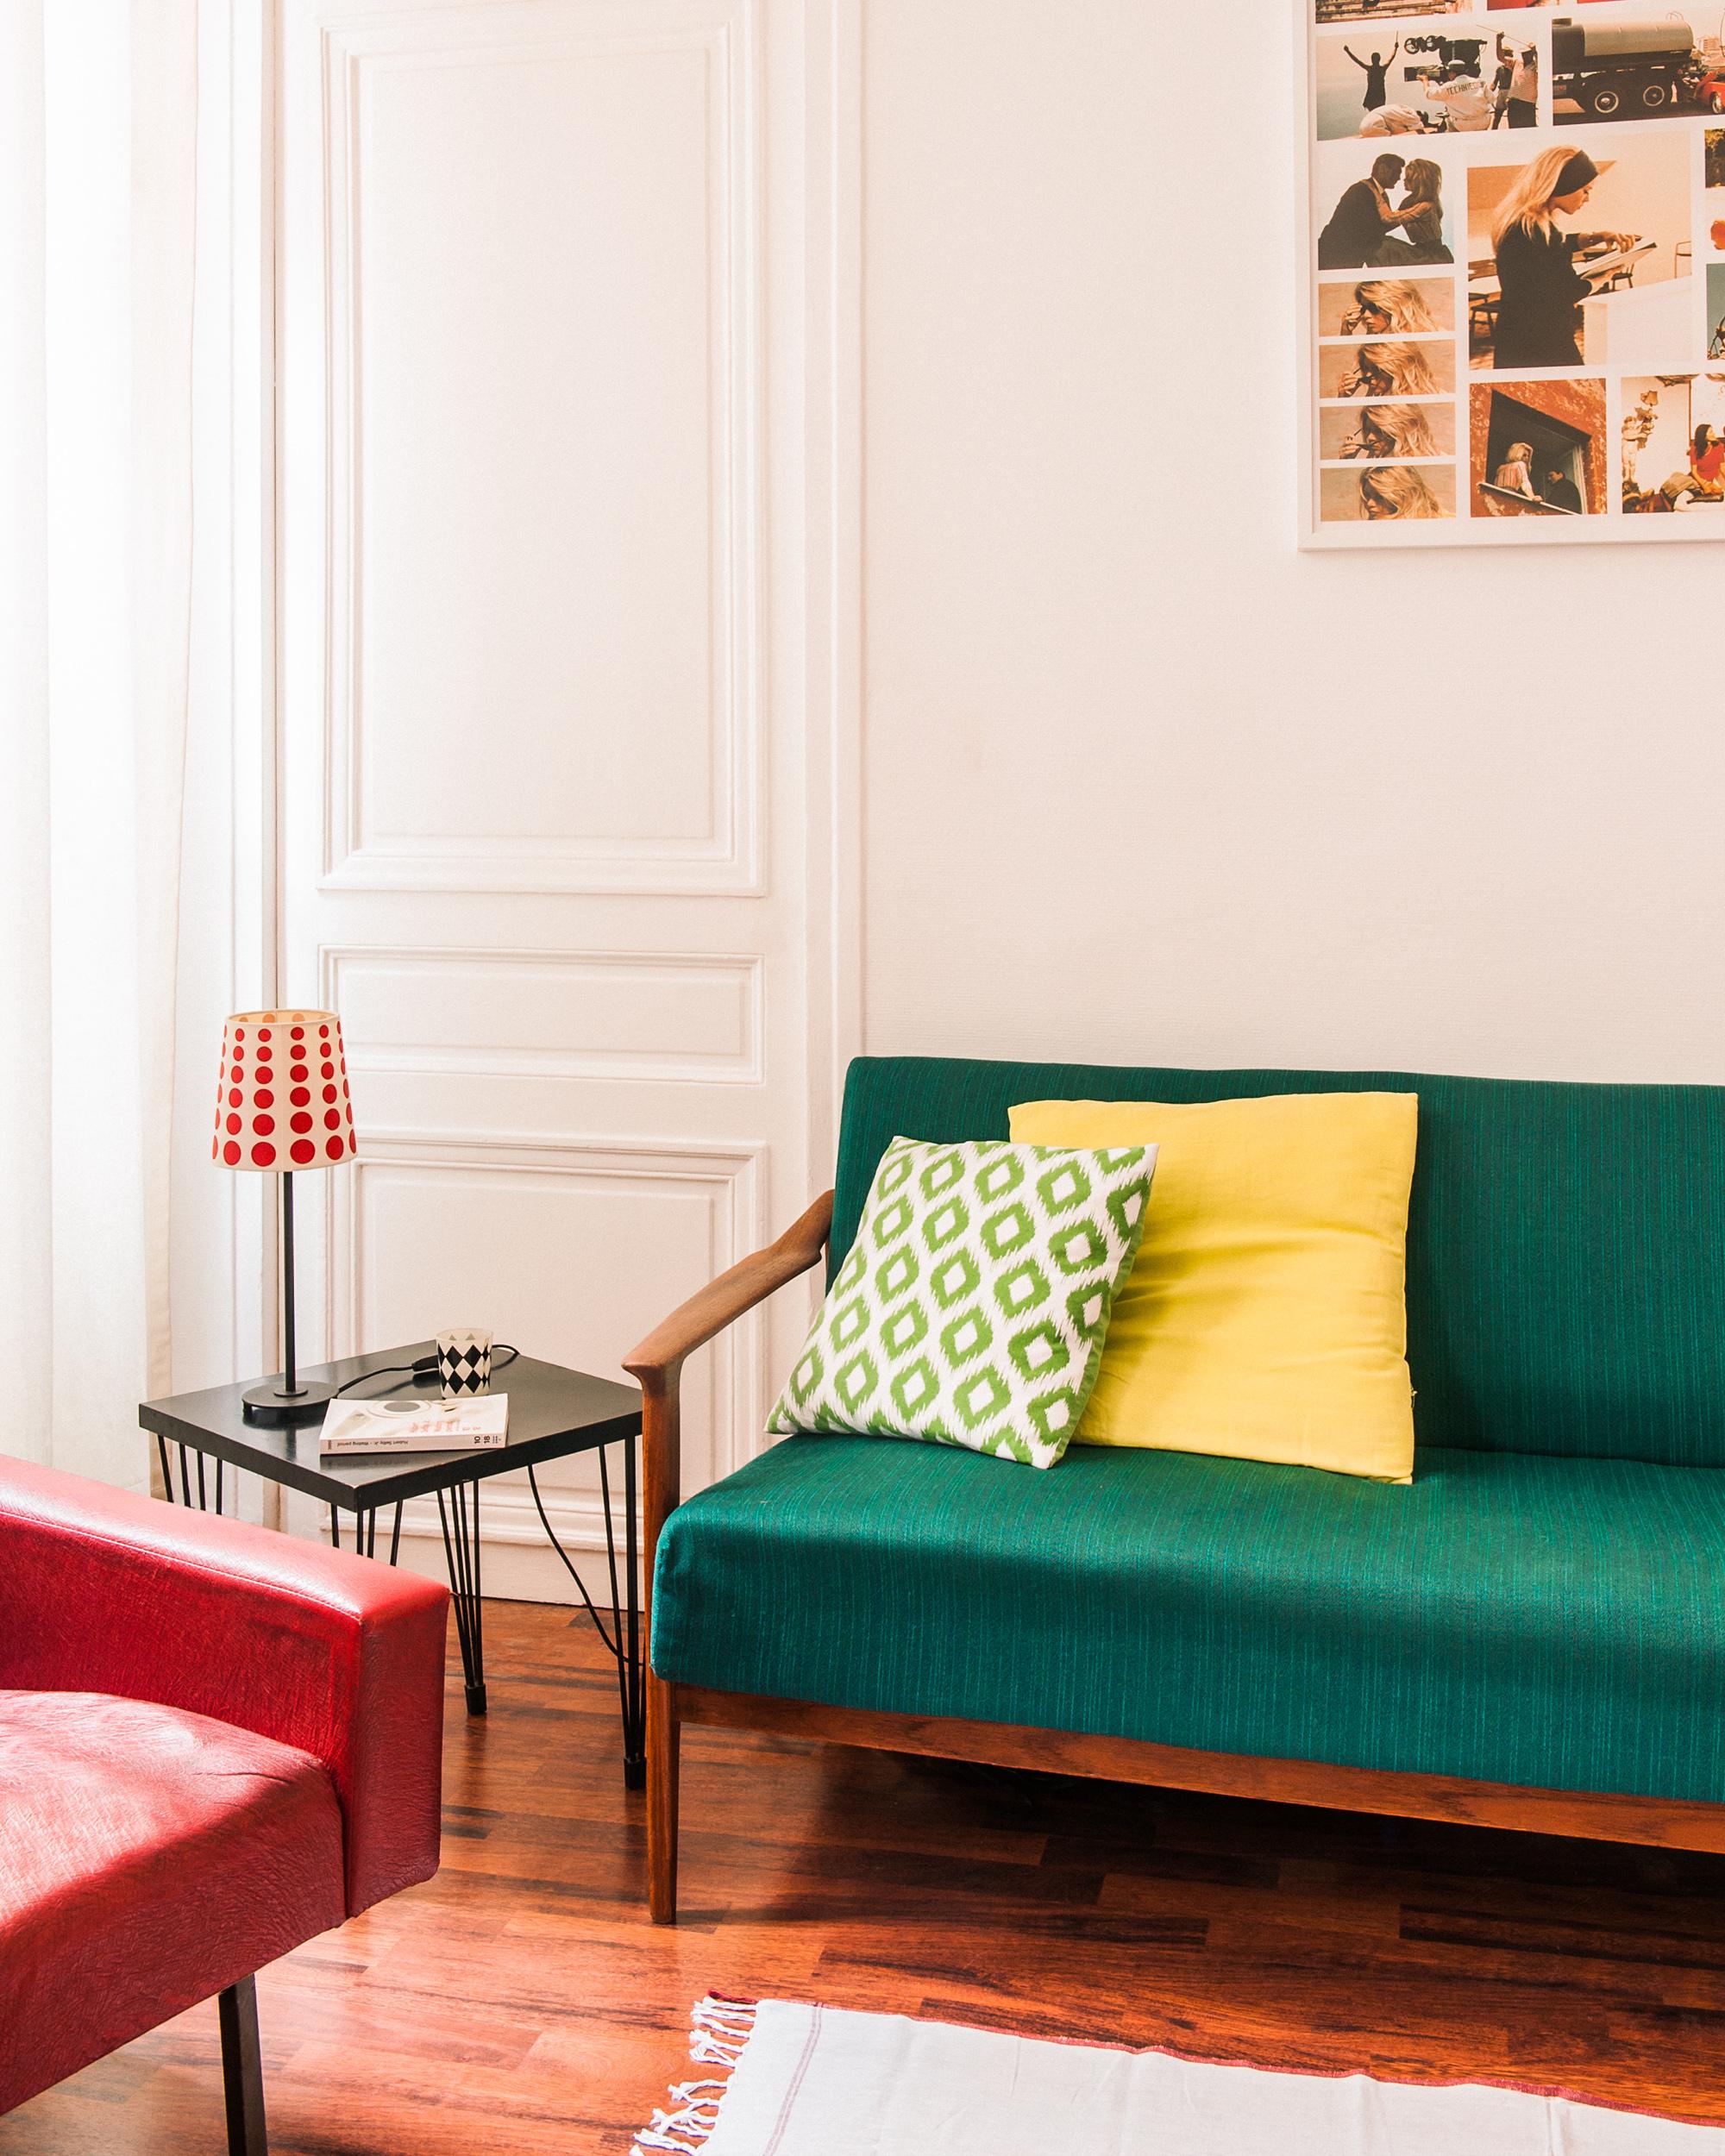 Décoration appartement 50m2 - Marion Alberge - Décoratrice d'intérieur